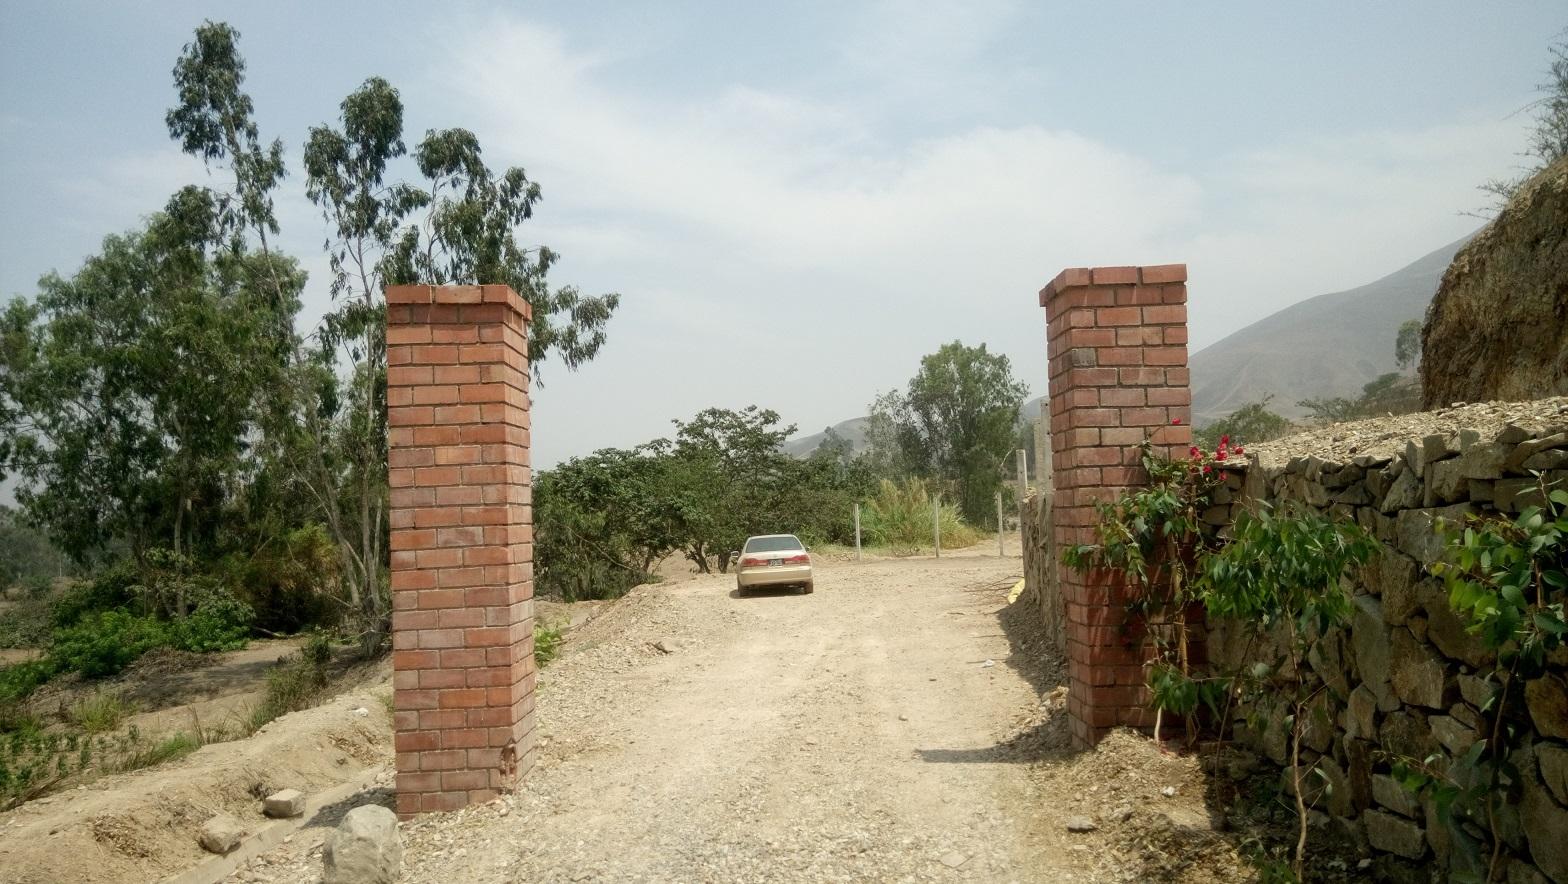 Venta de Terreno en Pachacamac, Lima 500m2 area total - vista principal